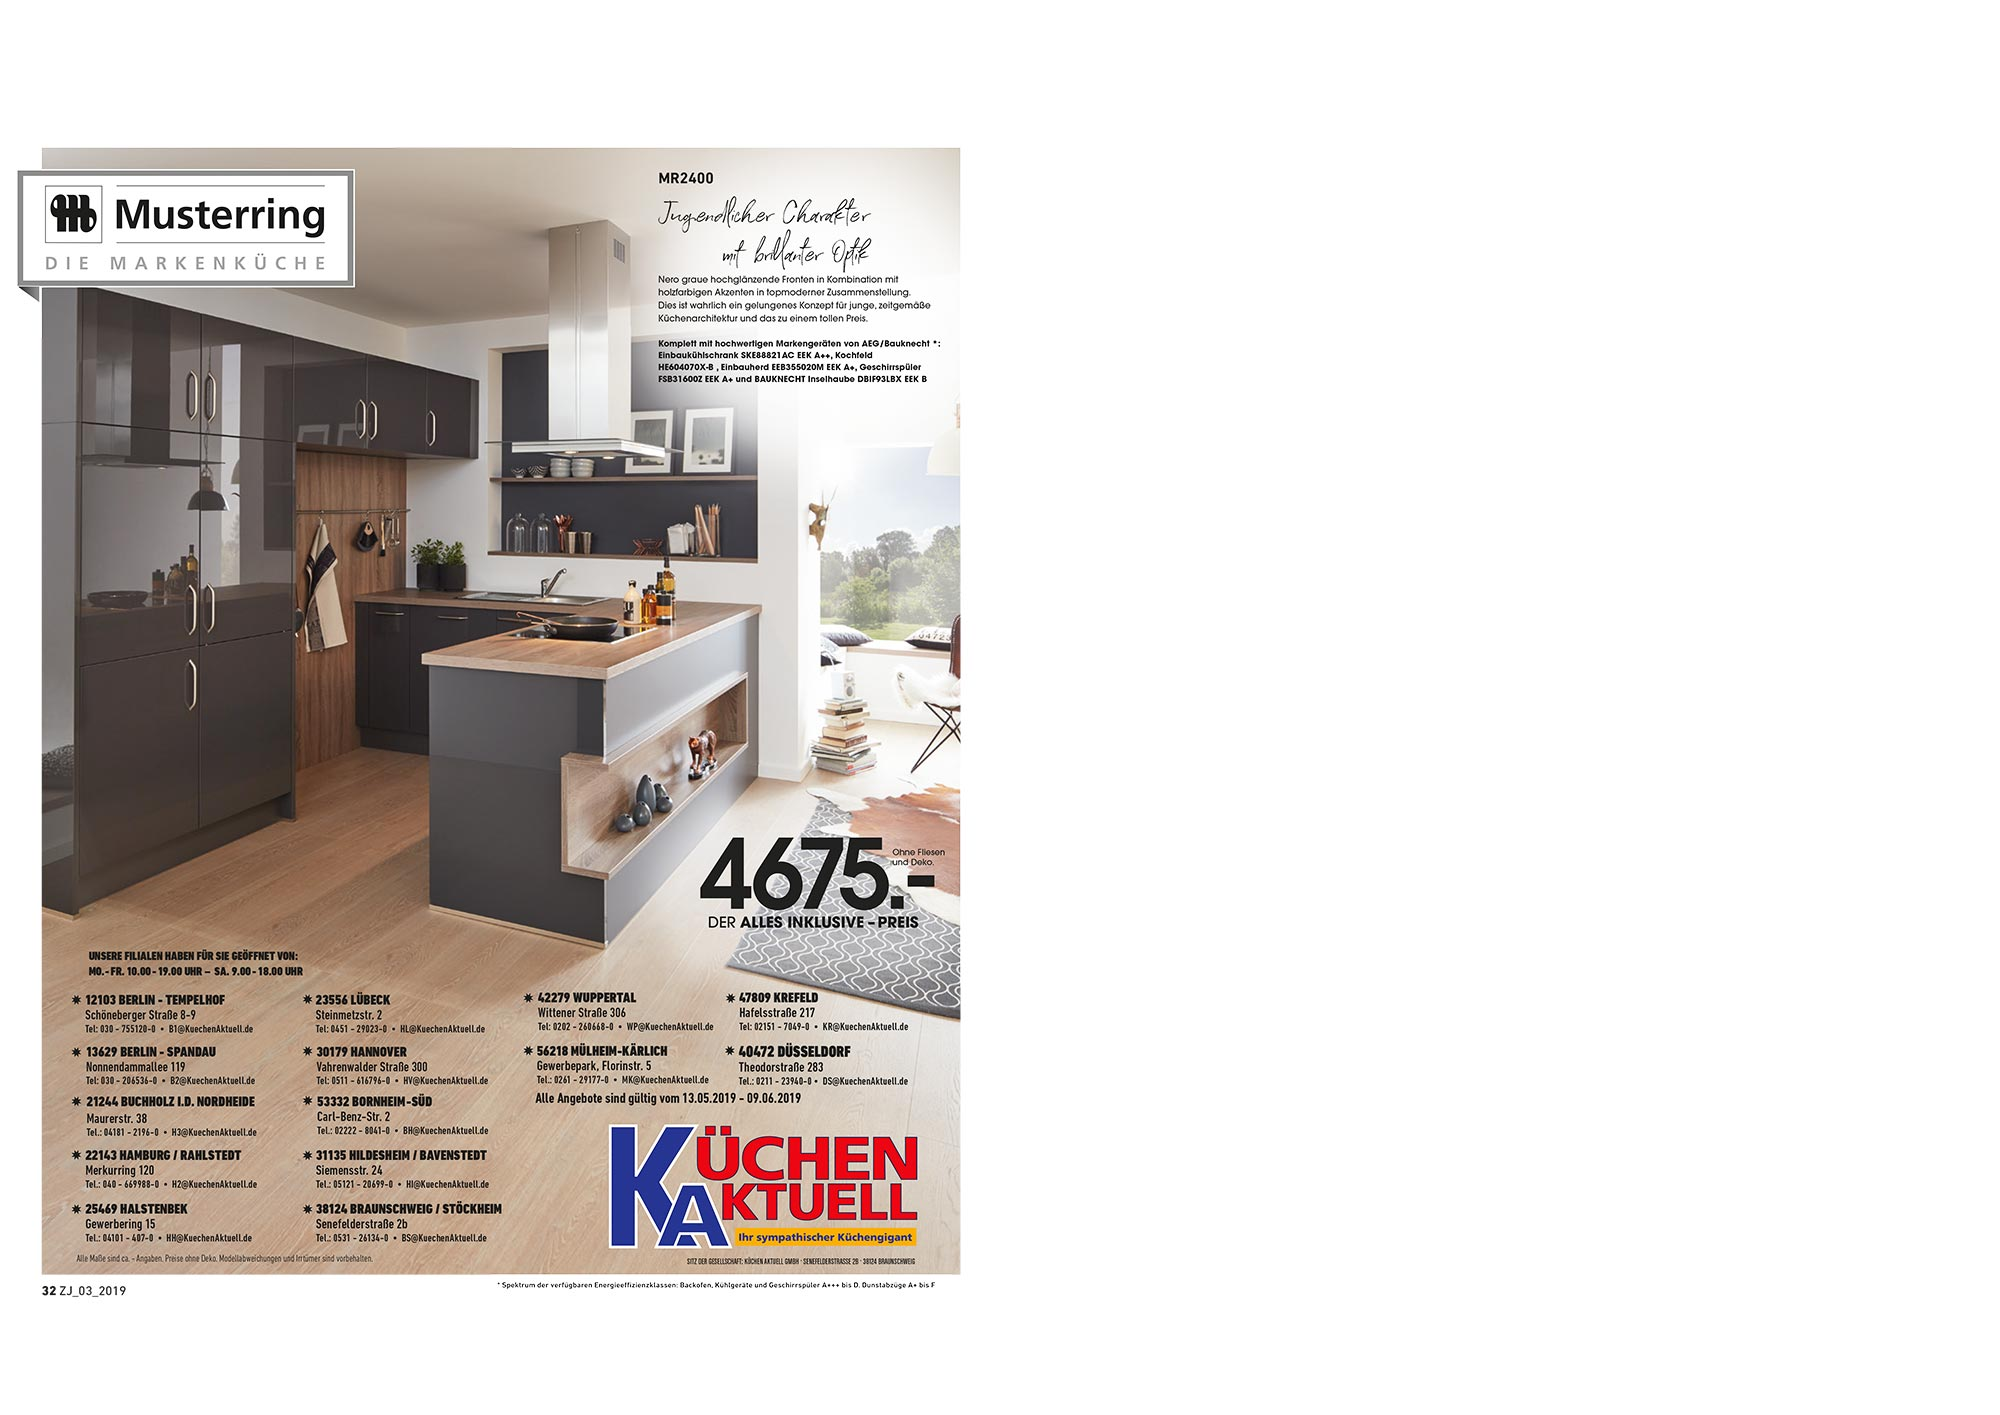 kchen aktuell berlin tempelhof beautiful kchen aktuell. Black Bedroom Furniture Sets. Home Design Ideas